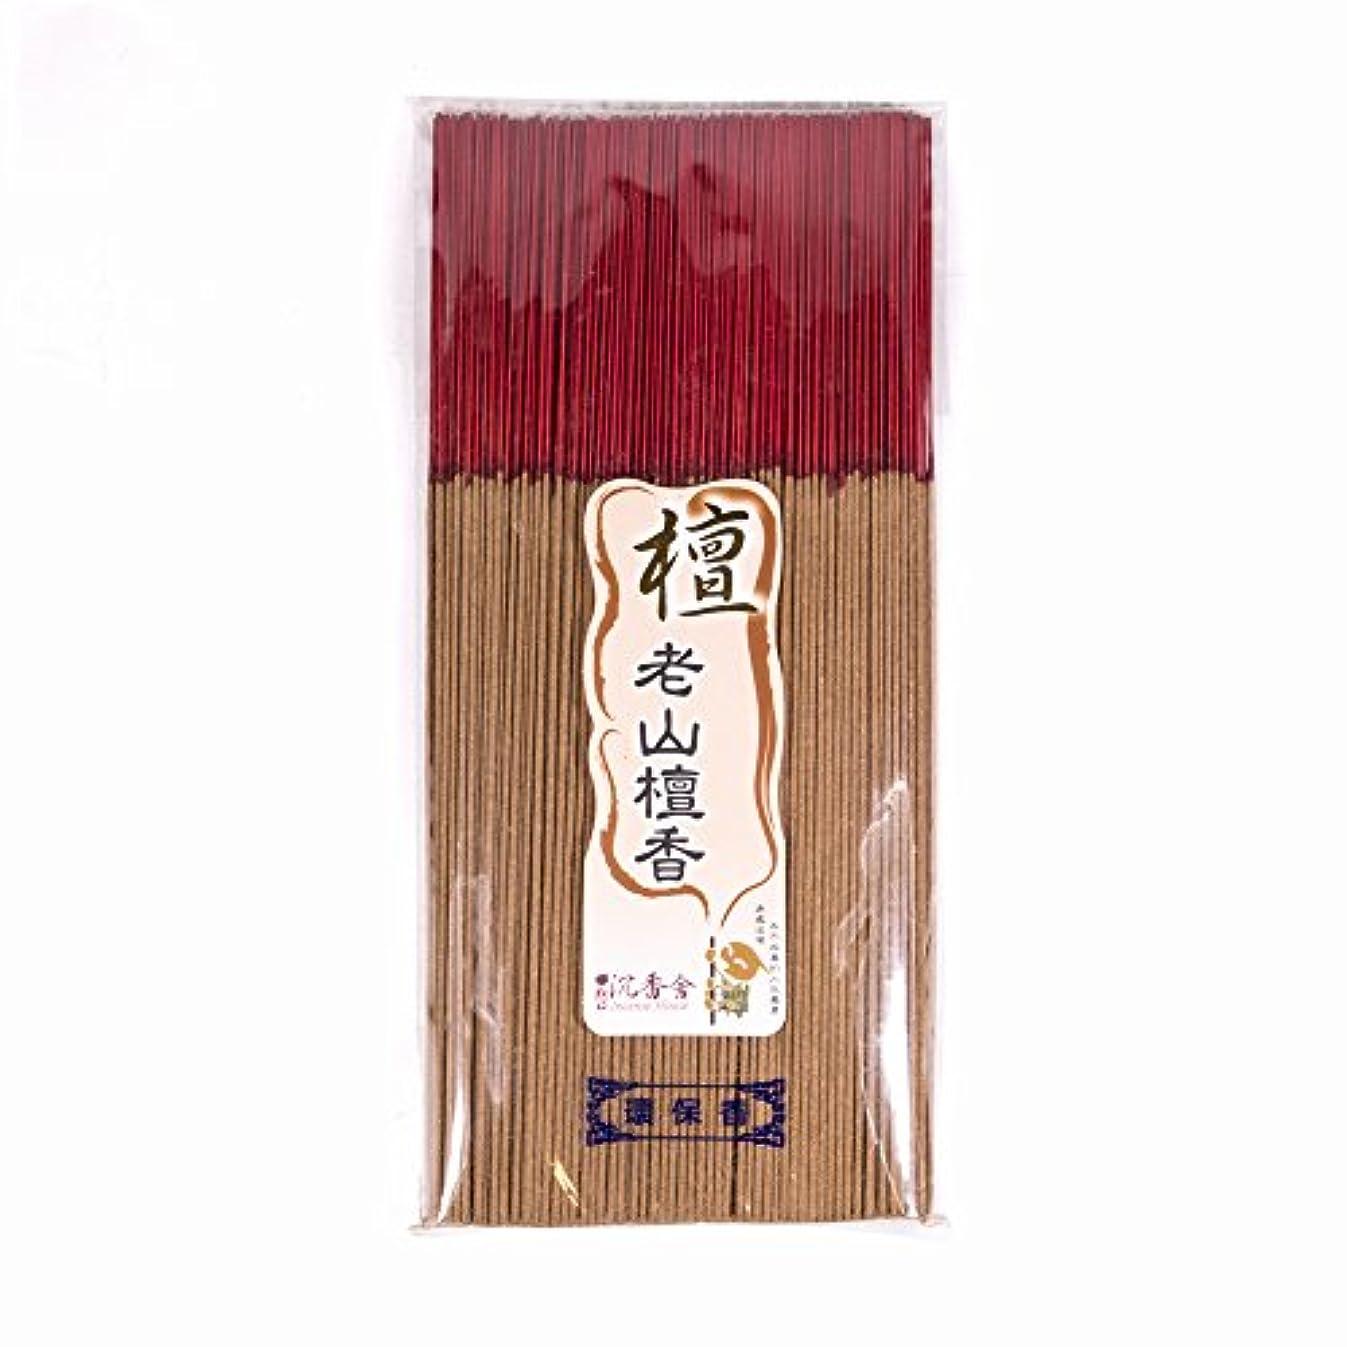 ガロンとは異なりバーチャル台湾沉香舍 老山檀香 台湾のお香家 - 檀香 30cm (木支香) 300g 約400本